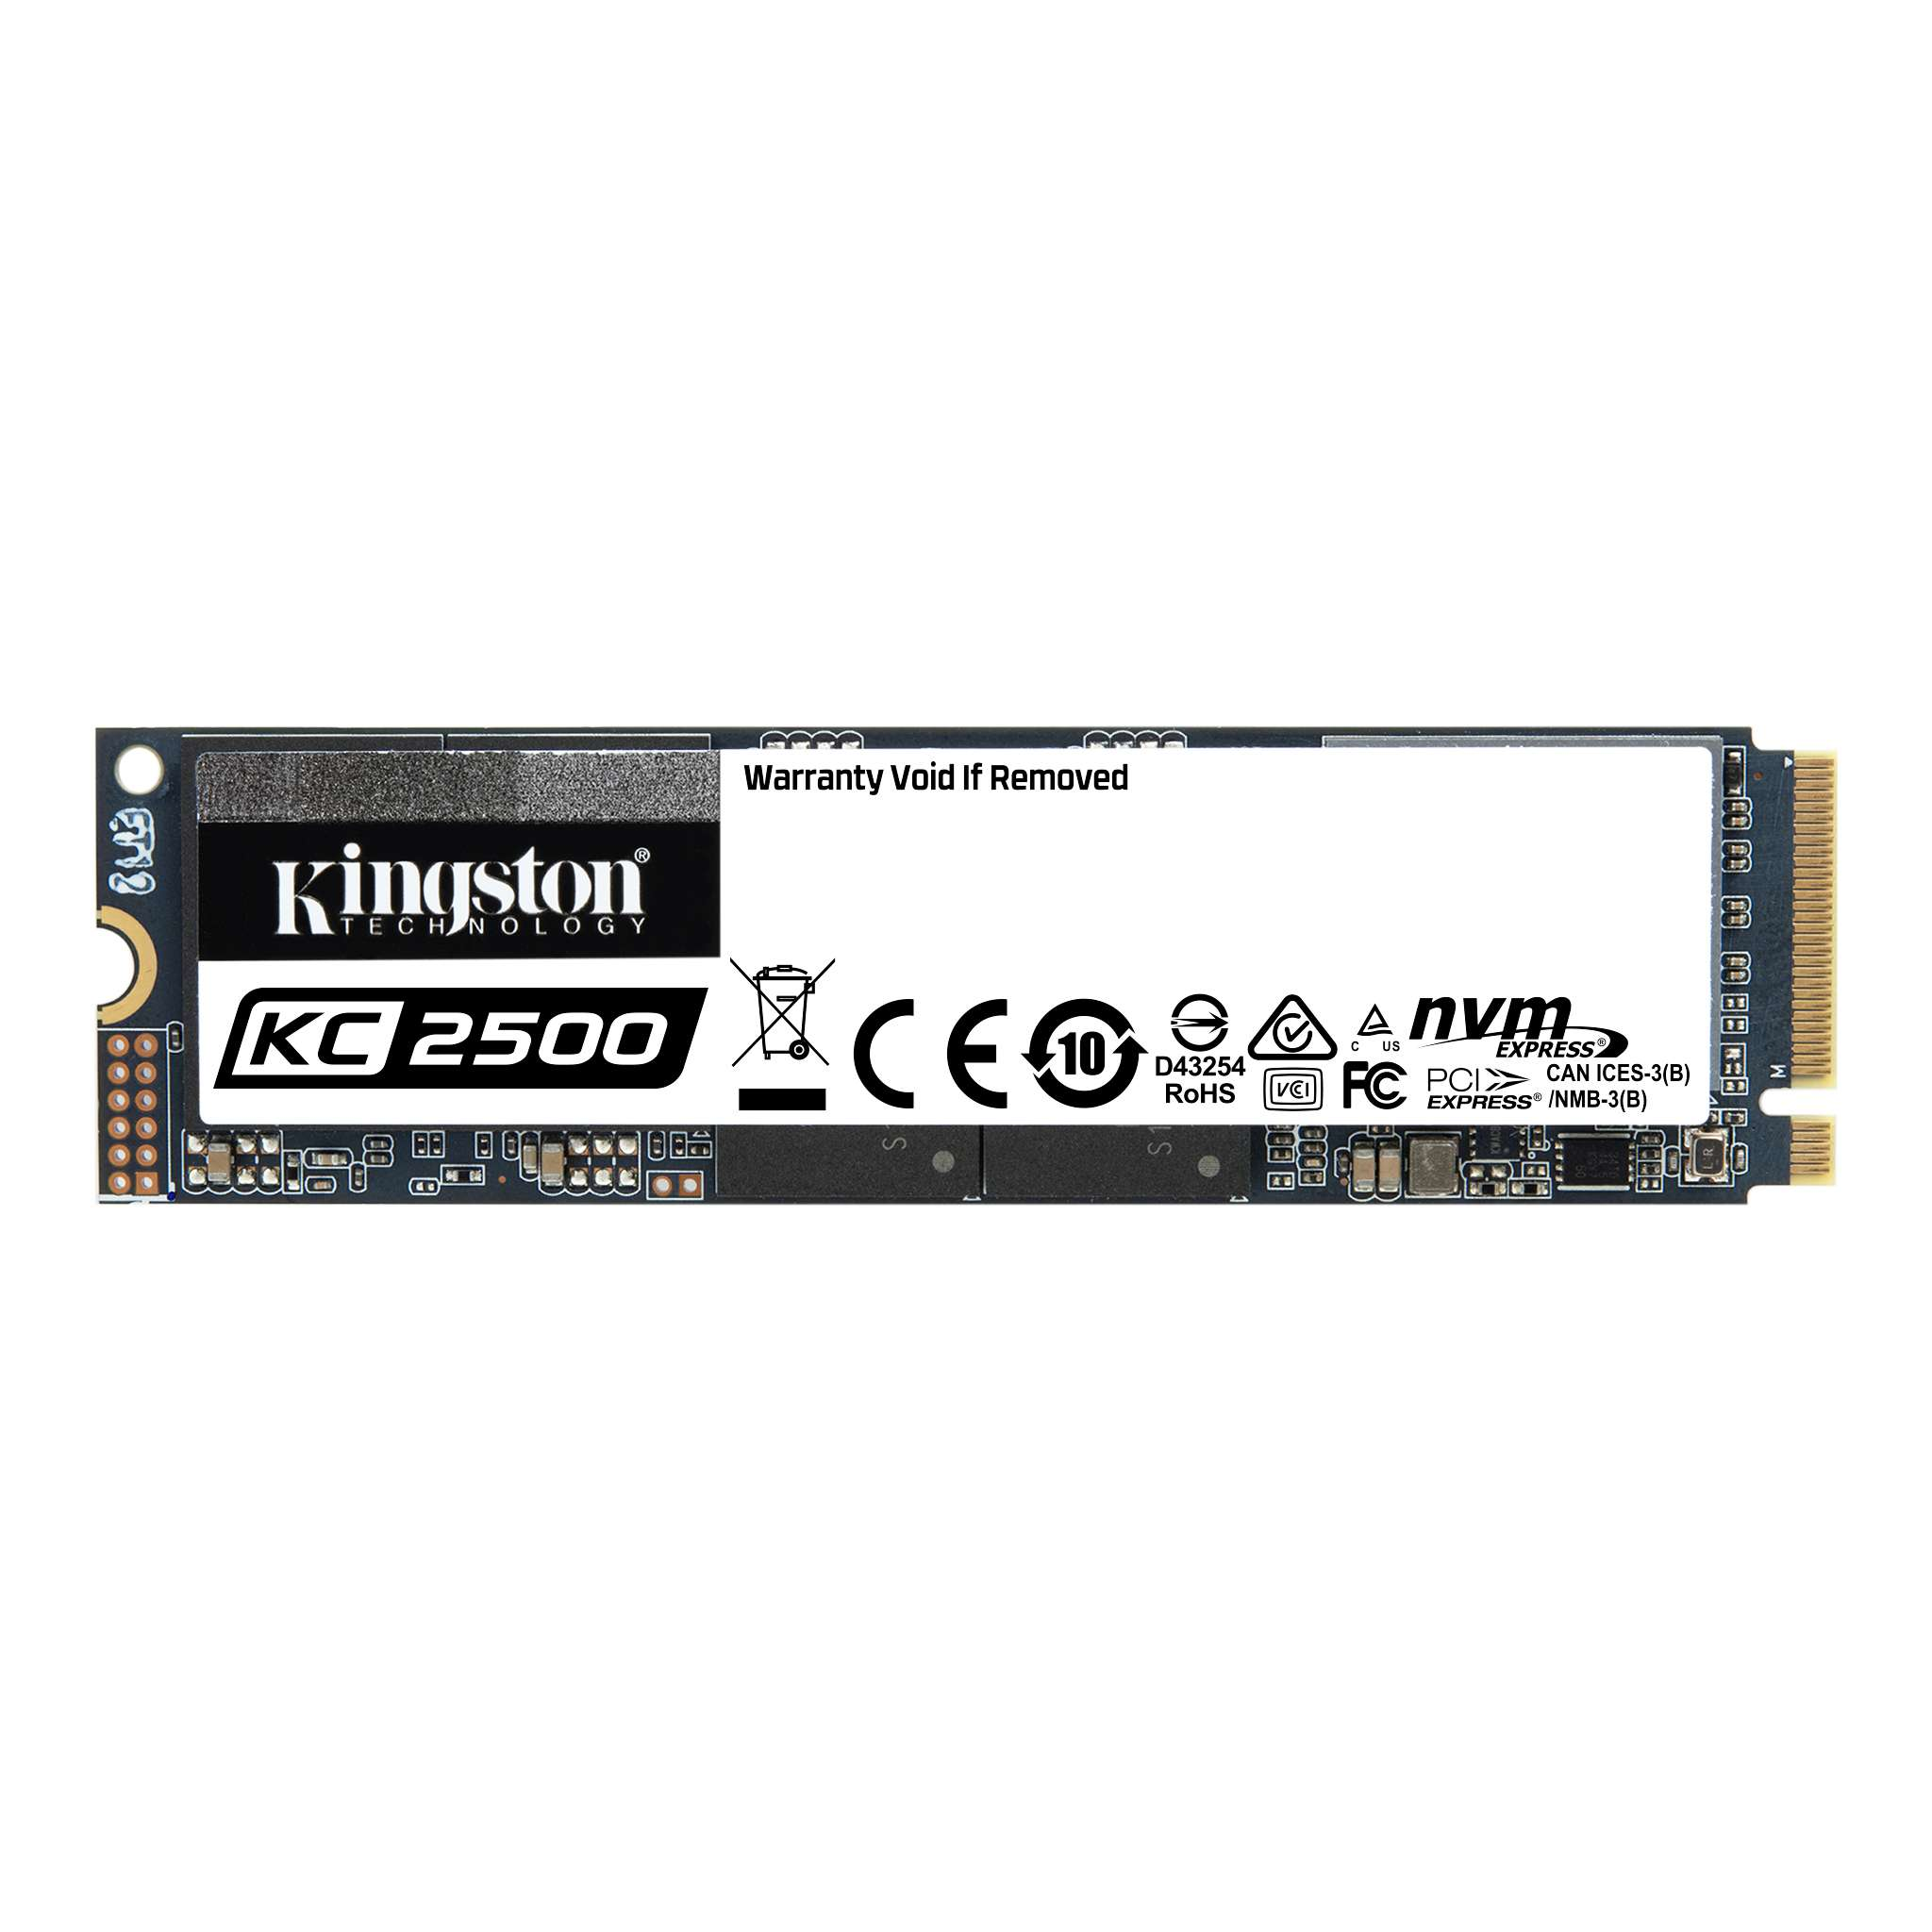 Kingston SSD 250GB KC2500